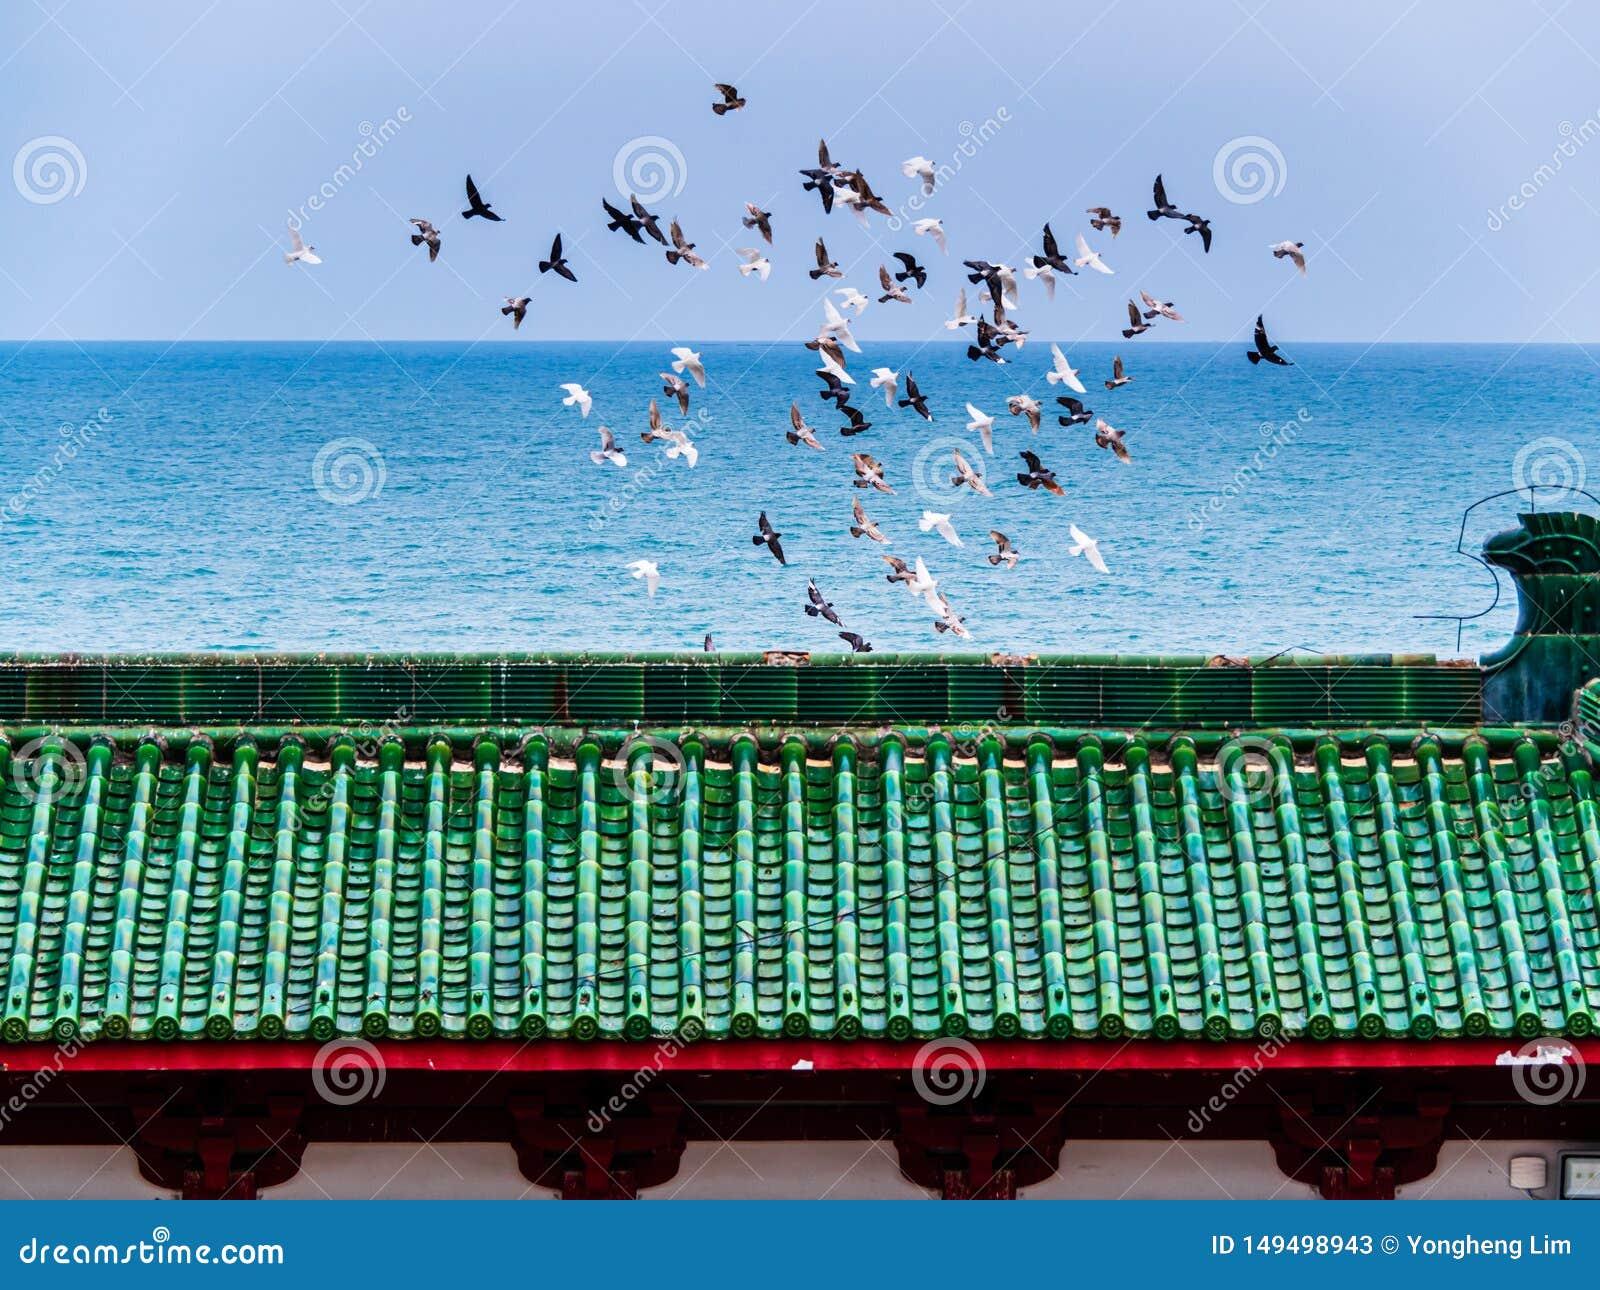 Uno stormo degli uccelli in volo sopra il tetto di un tempio cinese